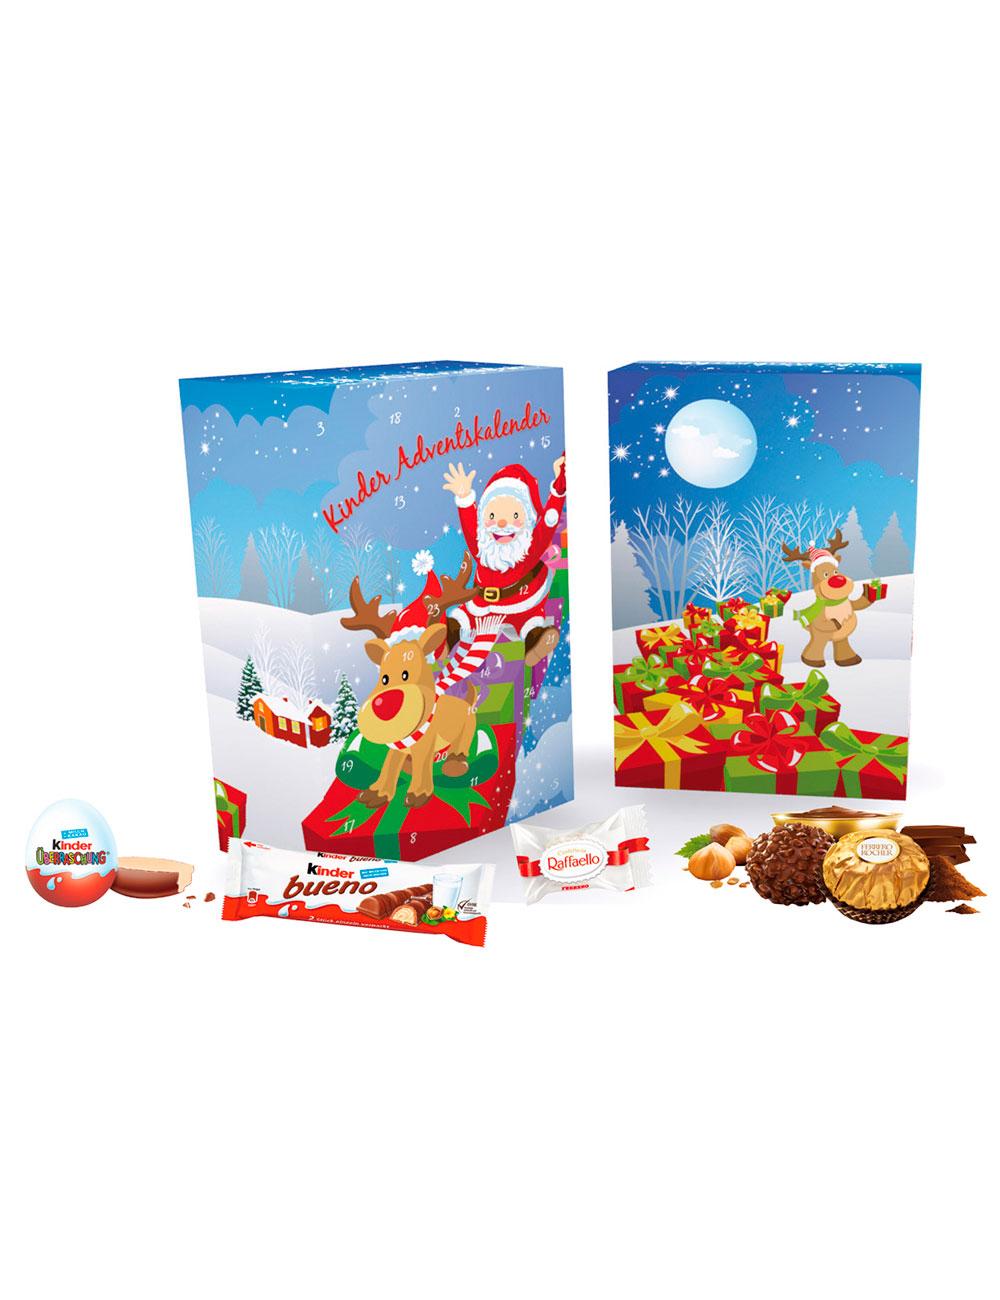 Kinder Weihnachtskalender.Adventskalender Kinder